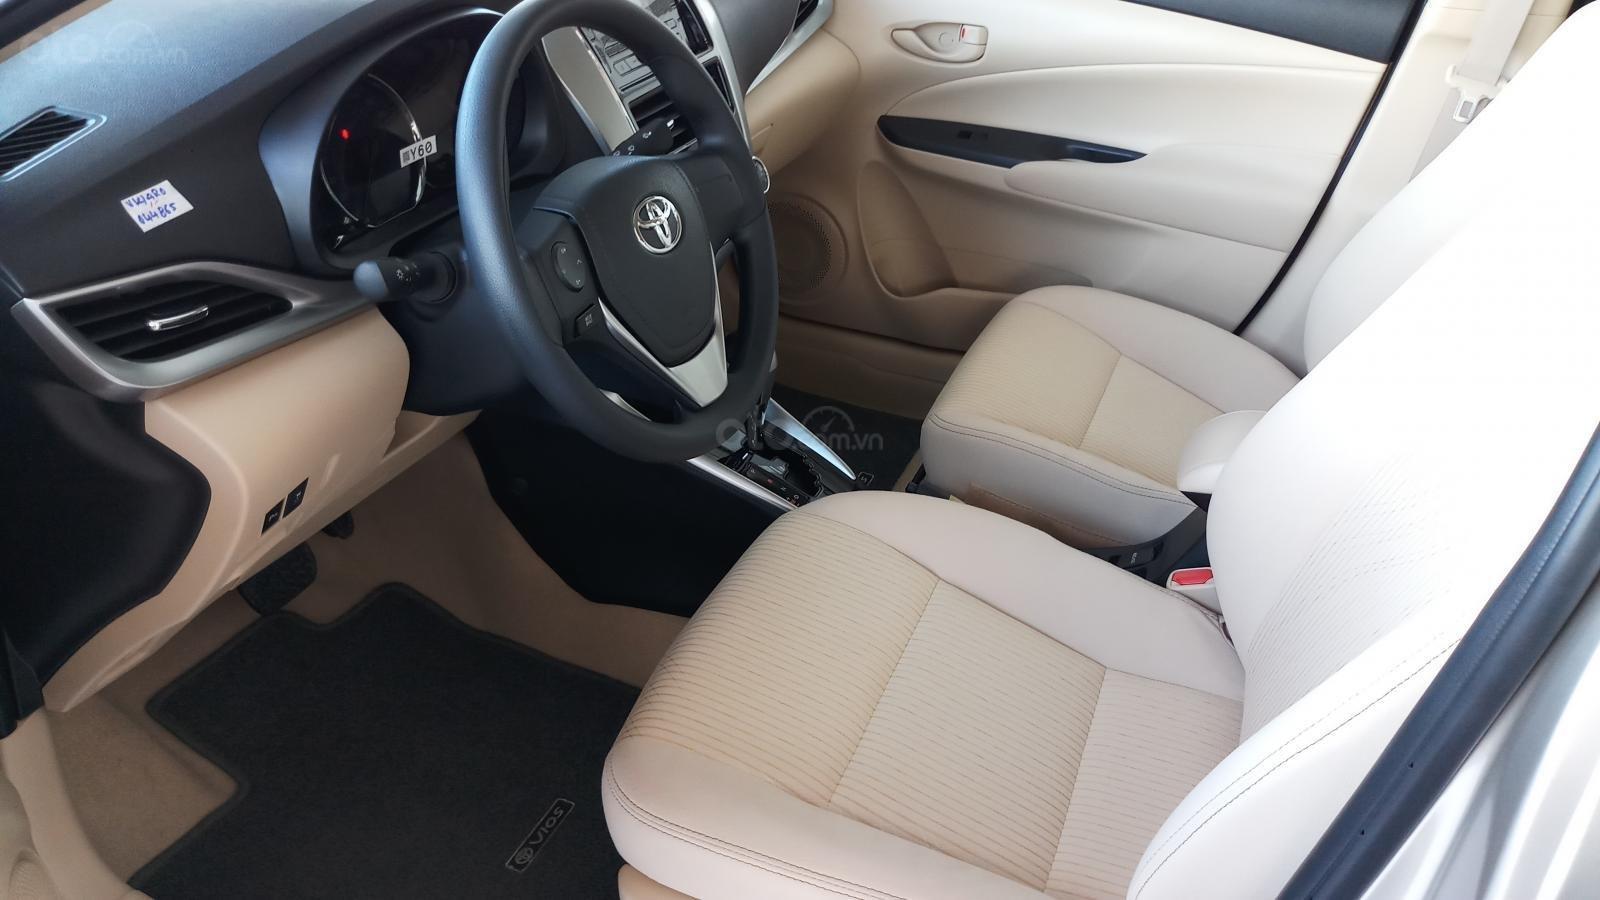 Bán Toyota Vios 1.5E CVT đời 2019, mới 100%, khuyến mãi khủng giao ngay-7